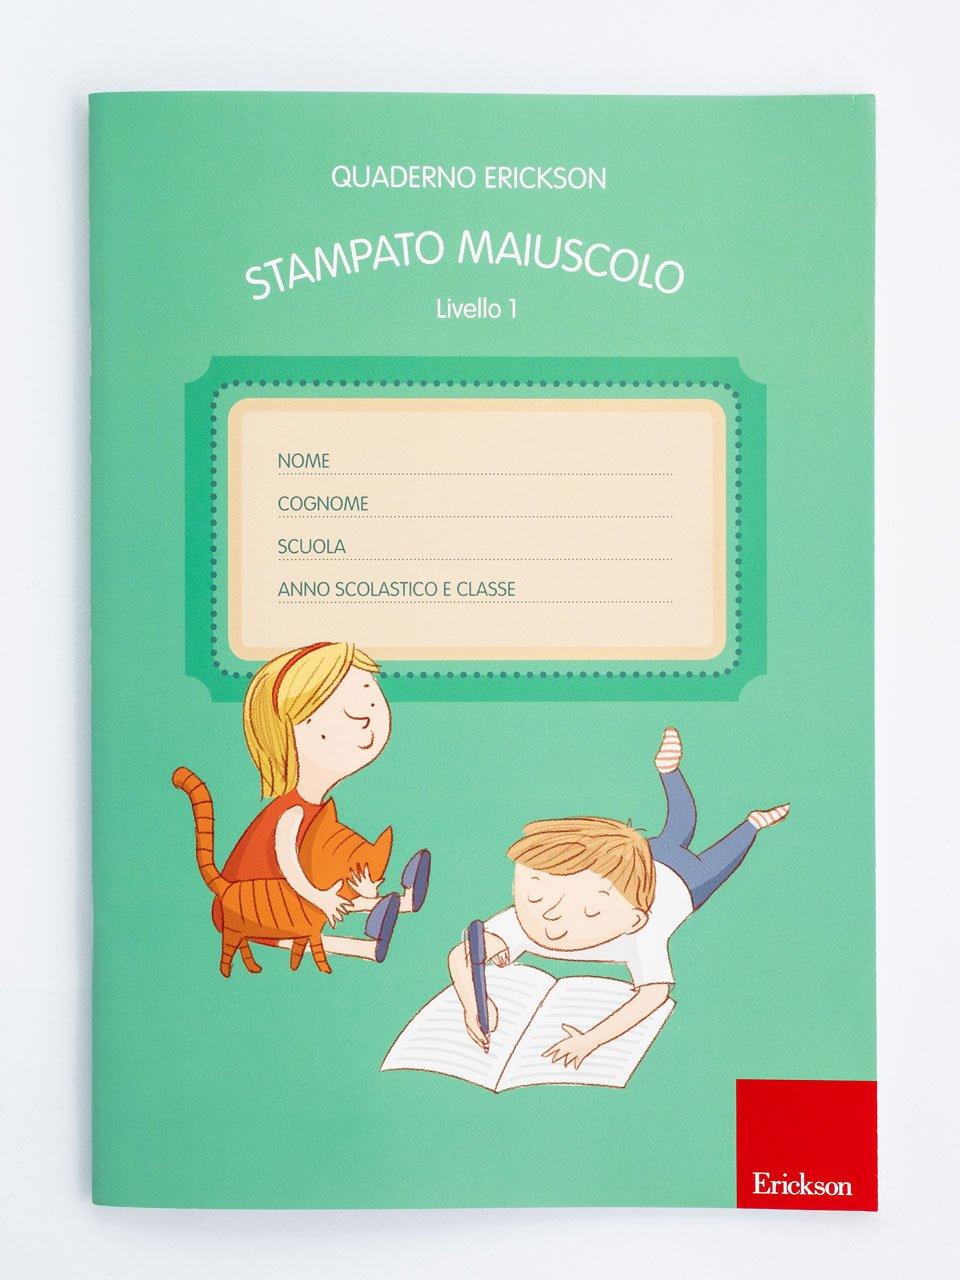 Quaderno Erickson per la disgrafia - Livello 1 - STAMPATO MAIUSCOLO - Test BHK - Scala sintetica per la valutazione dell - Libri - Erickson